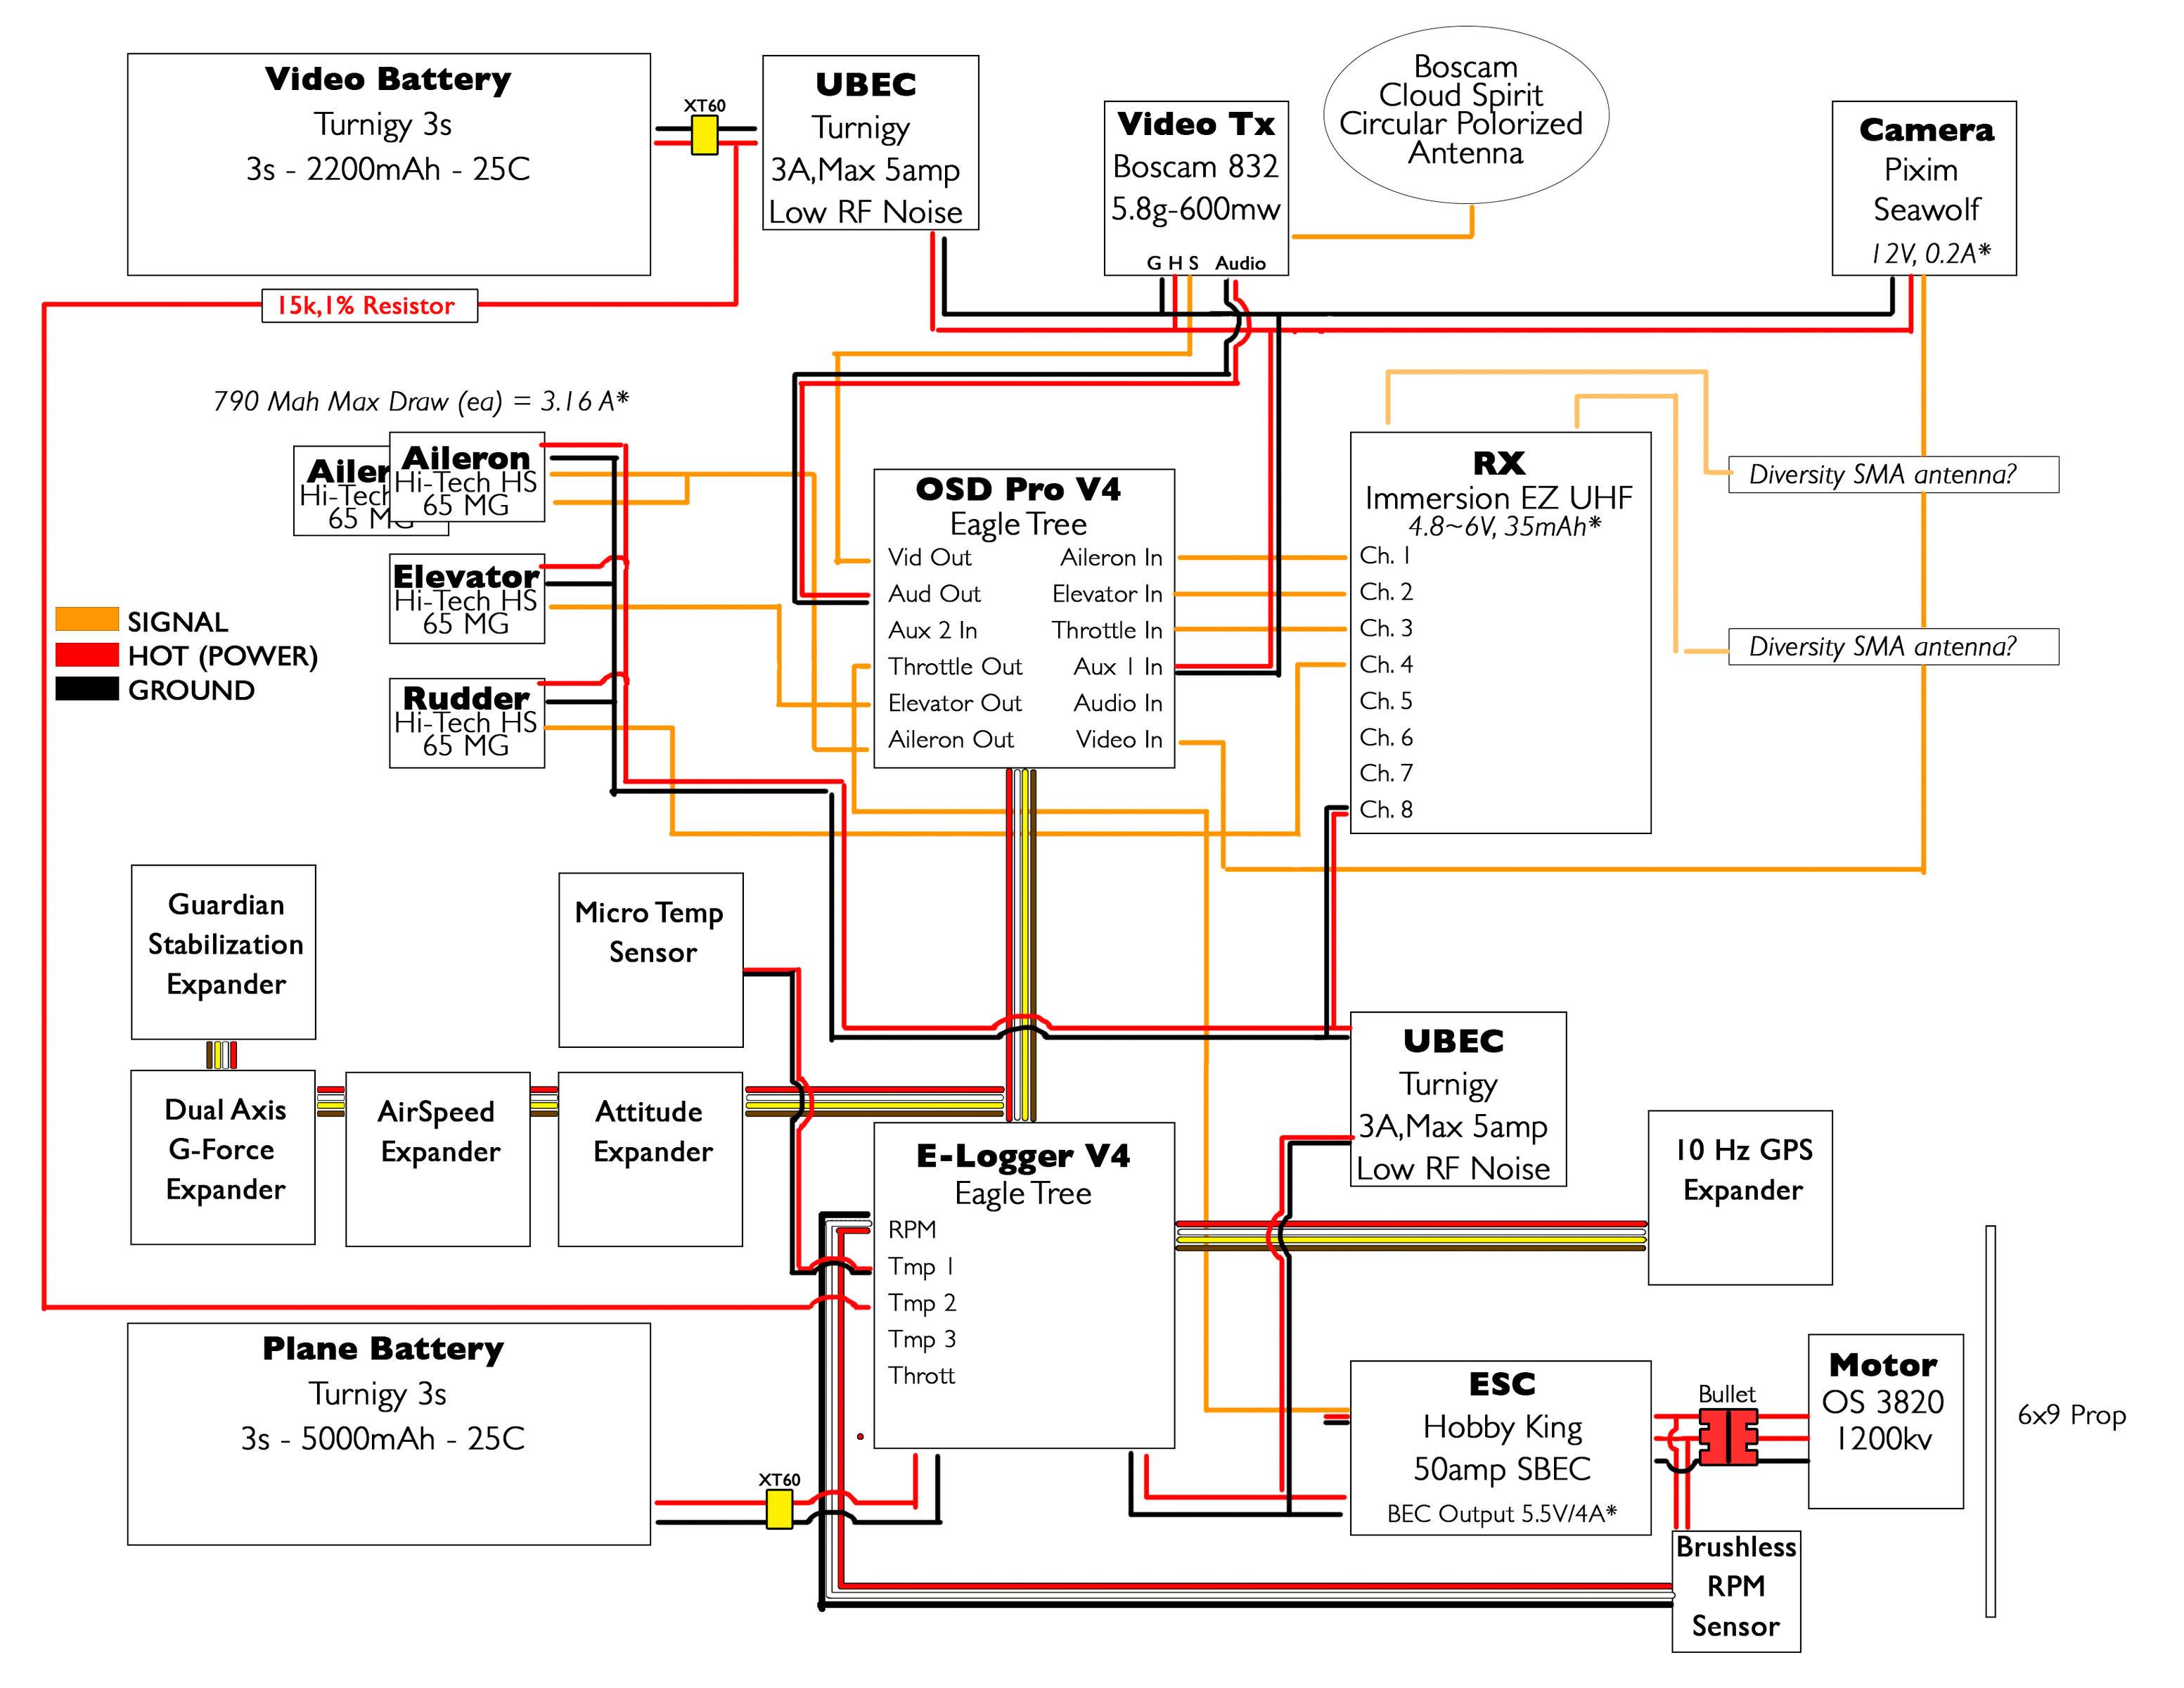 Rc 10 Wiring Diagram - Free Car Wiring Diagrams •